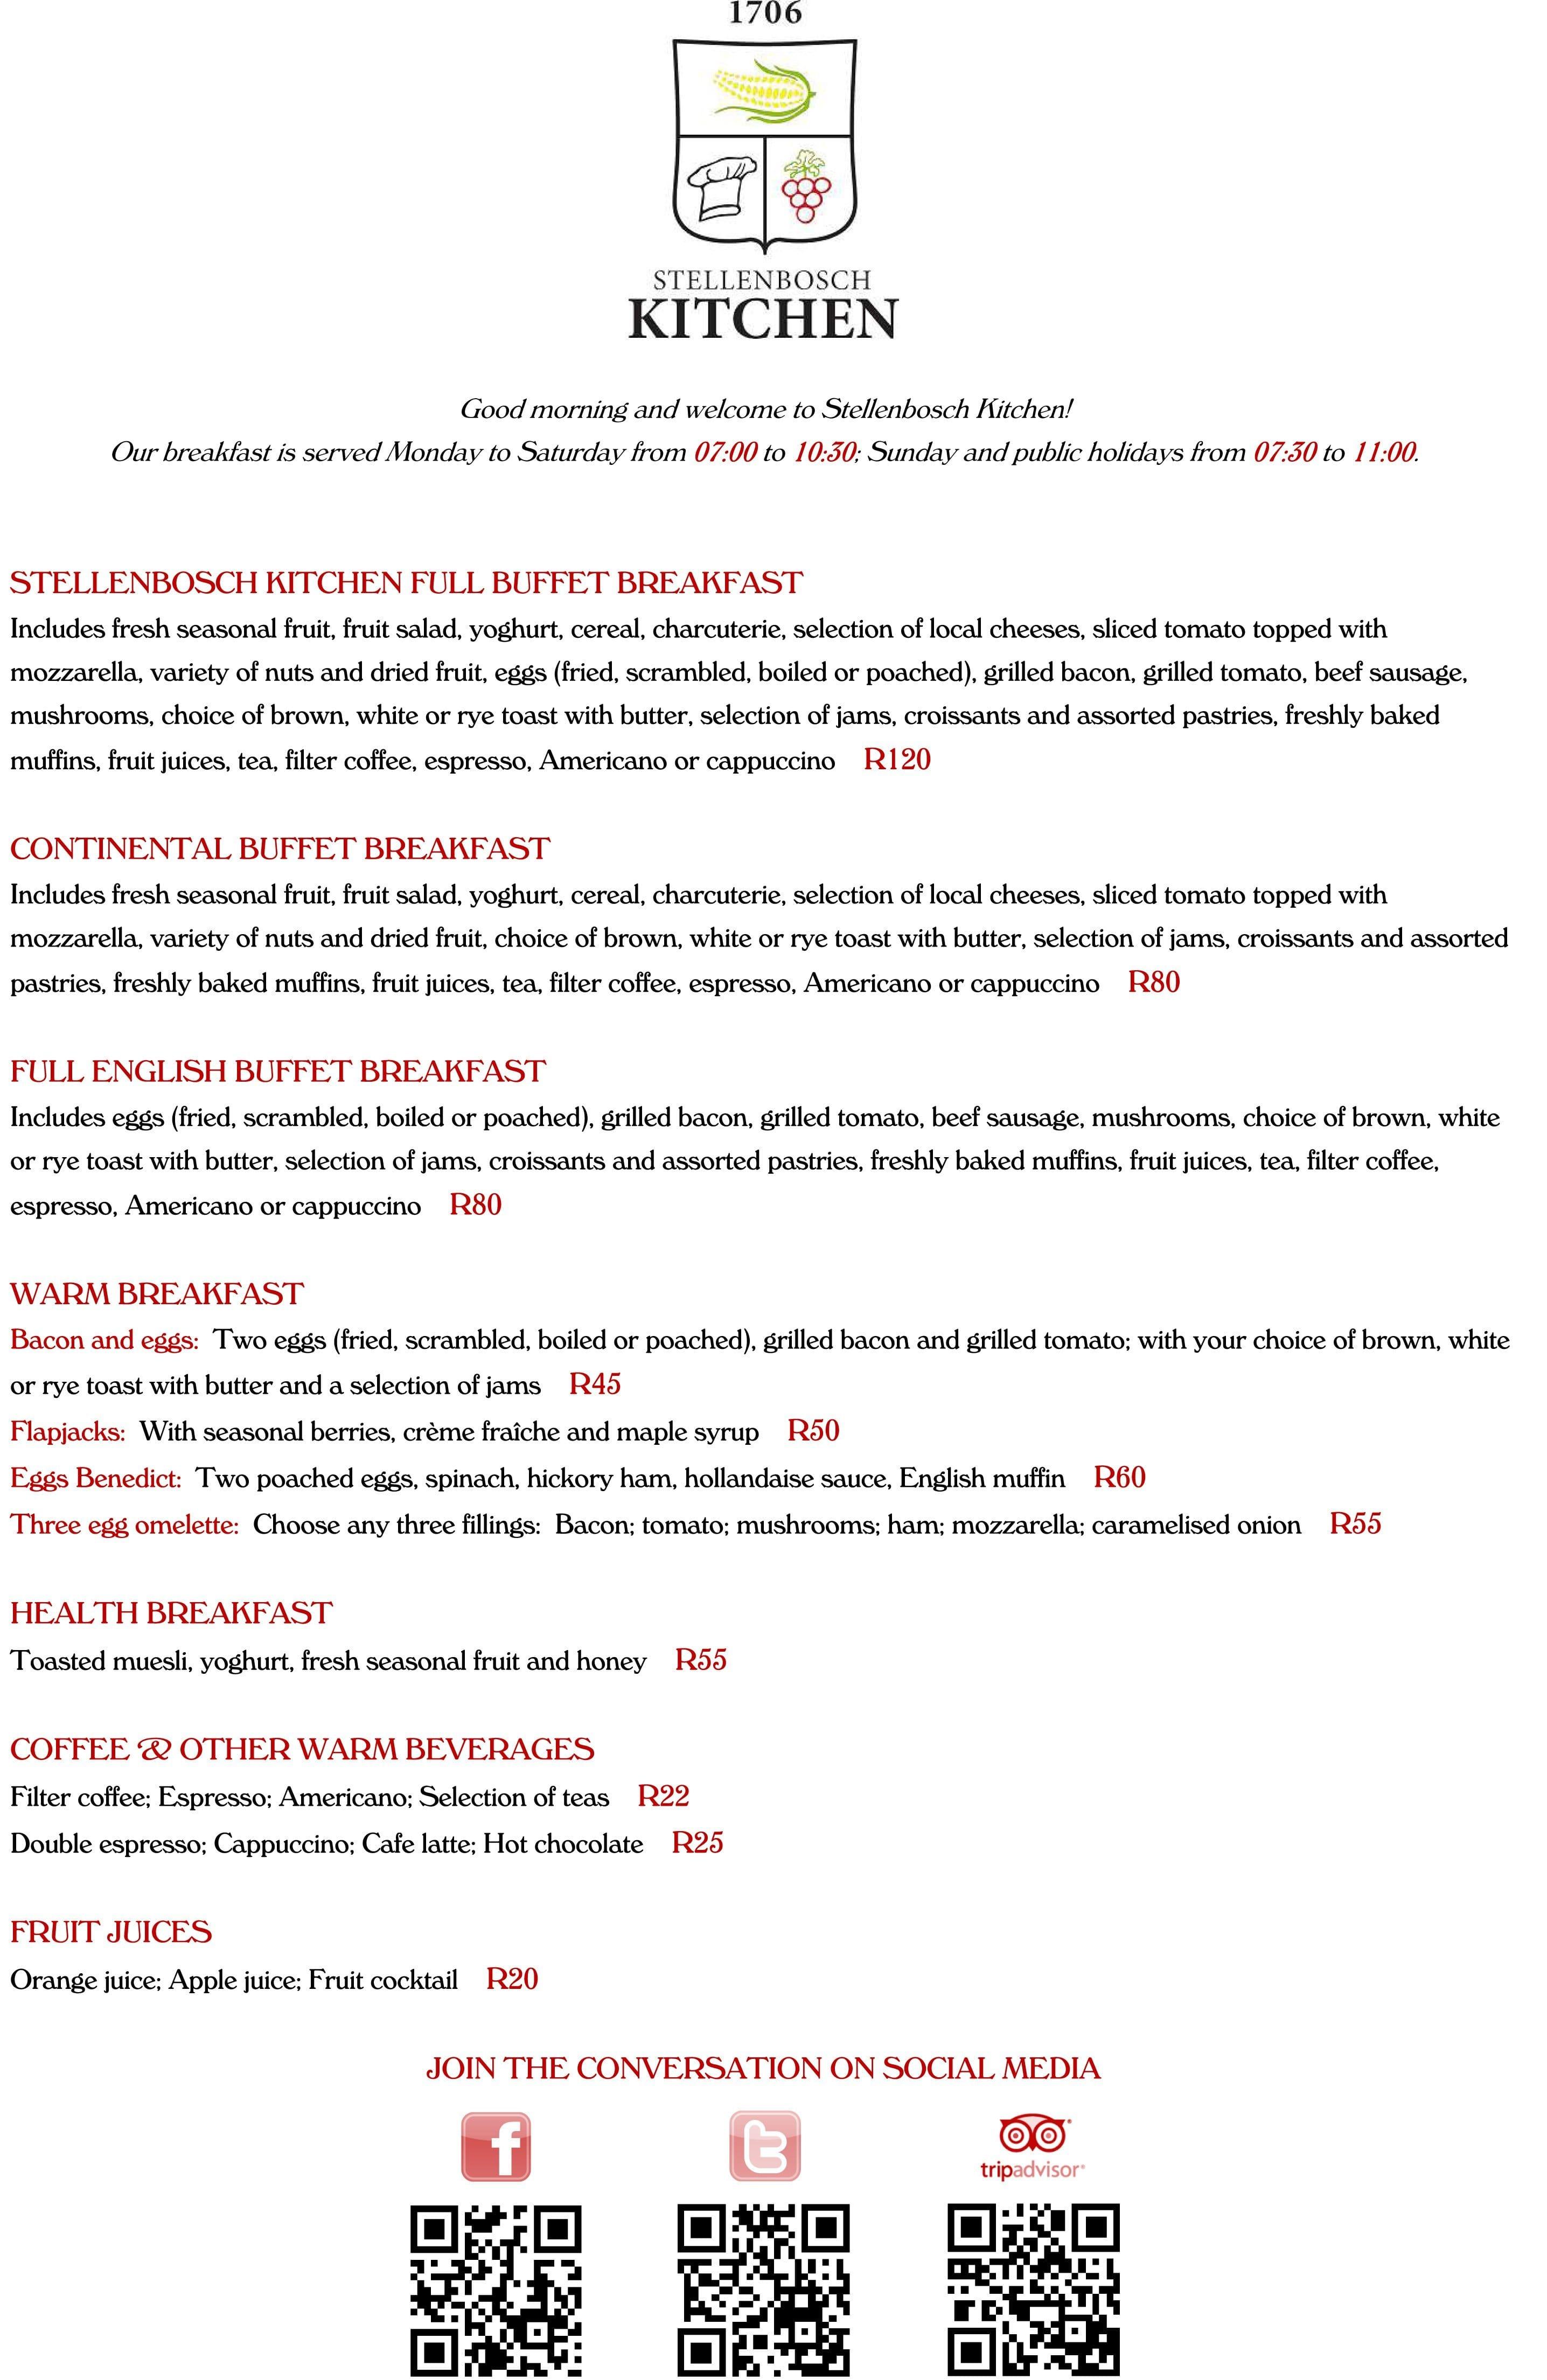 stellenbosch kitchen menu menu for stellenbosch kitchen